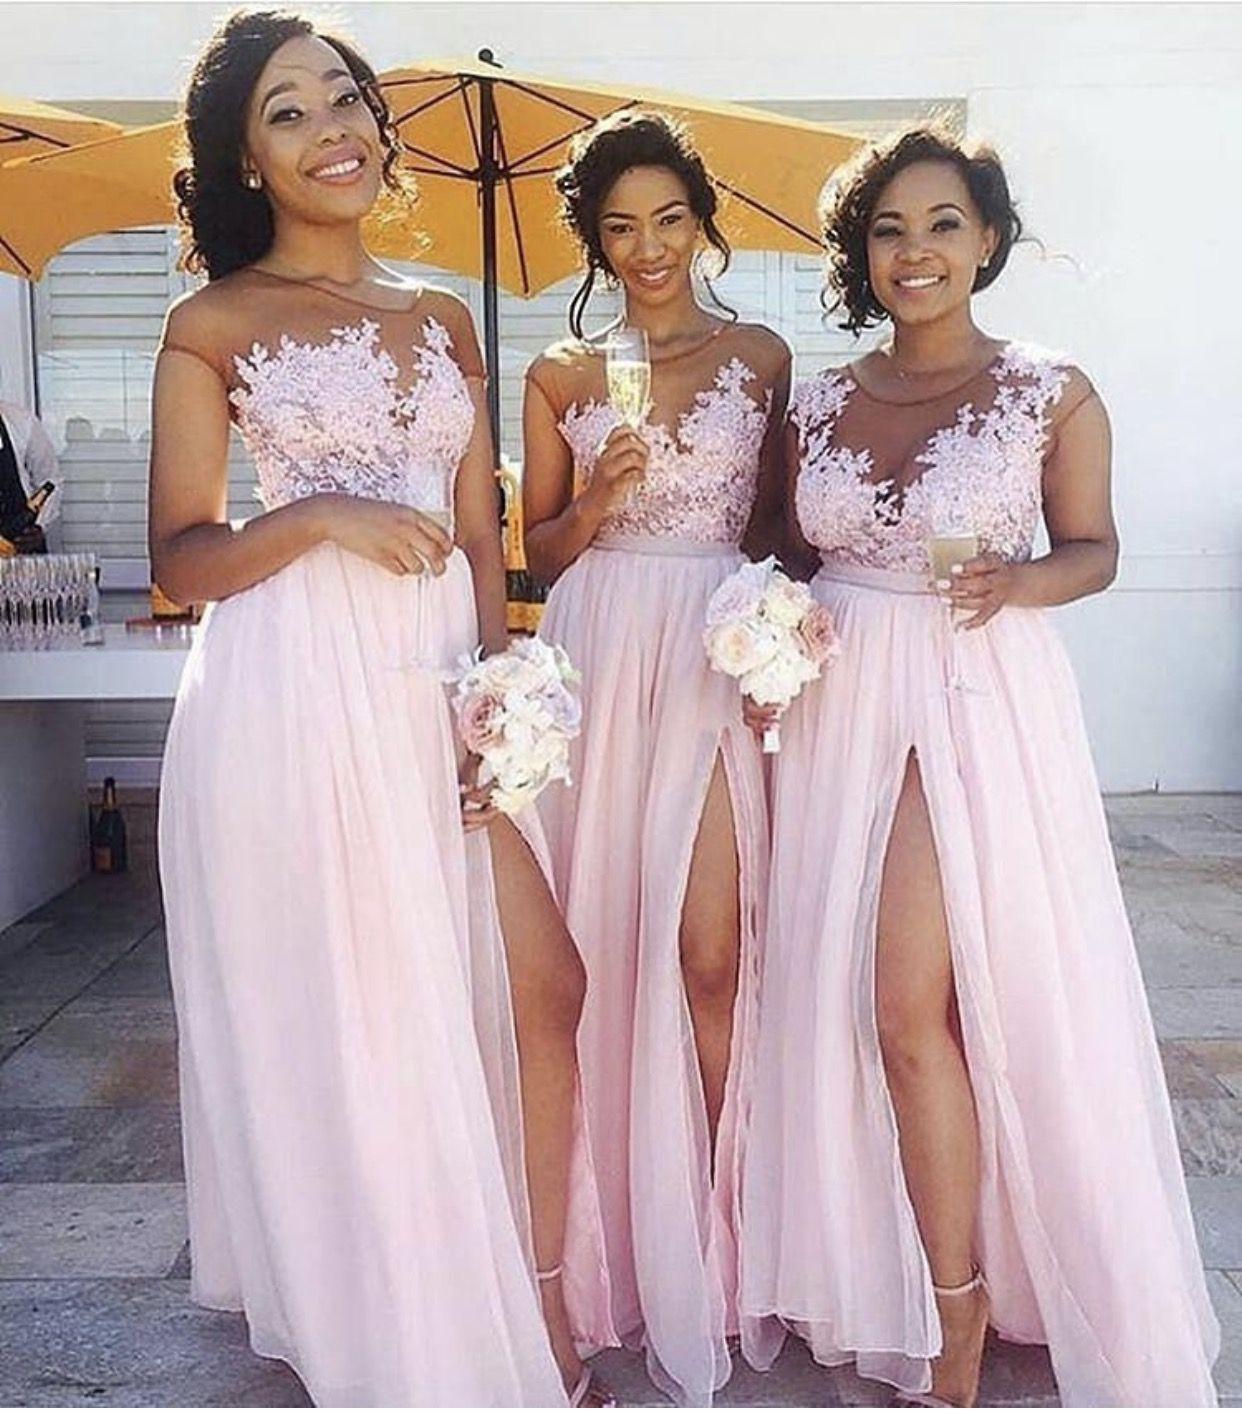 Bonito Vestidos De Cóctel Adelaide Modelo - Colección de Vestidos de ...